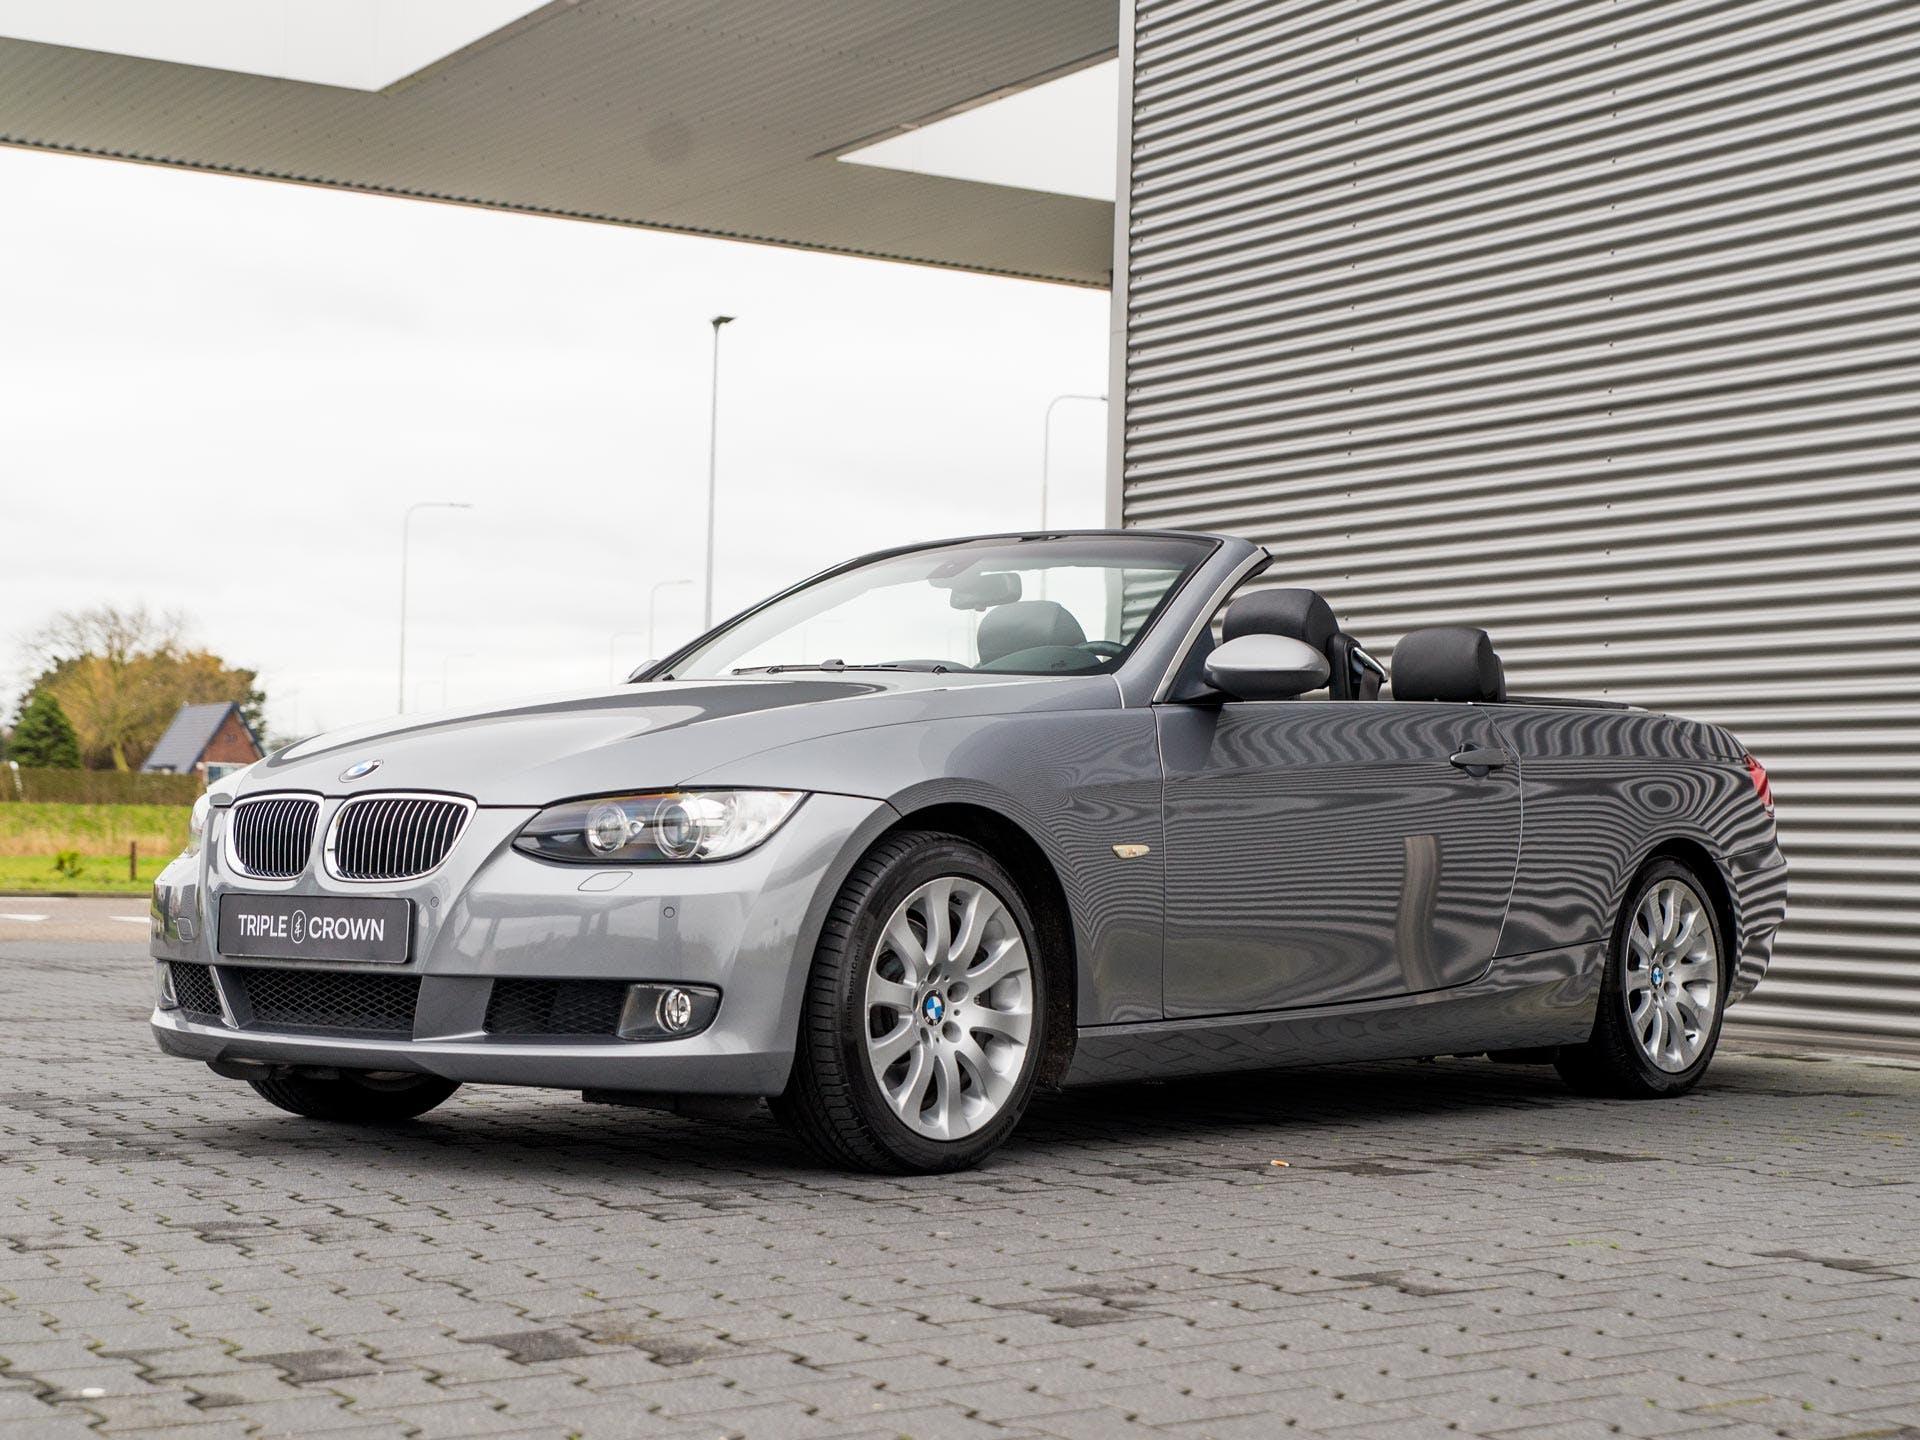 Tweedehands BMW 3 Serie Cabrio 325i occasion